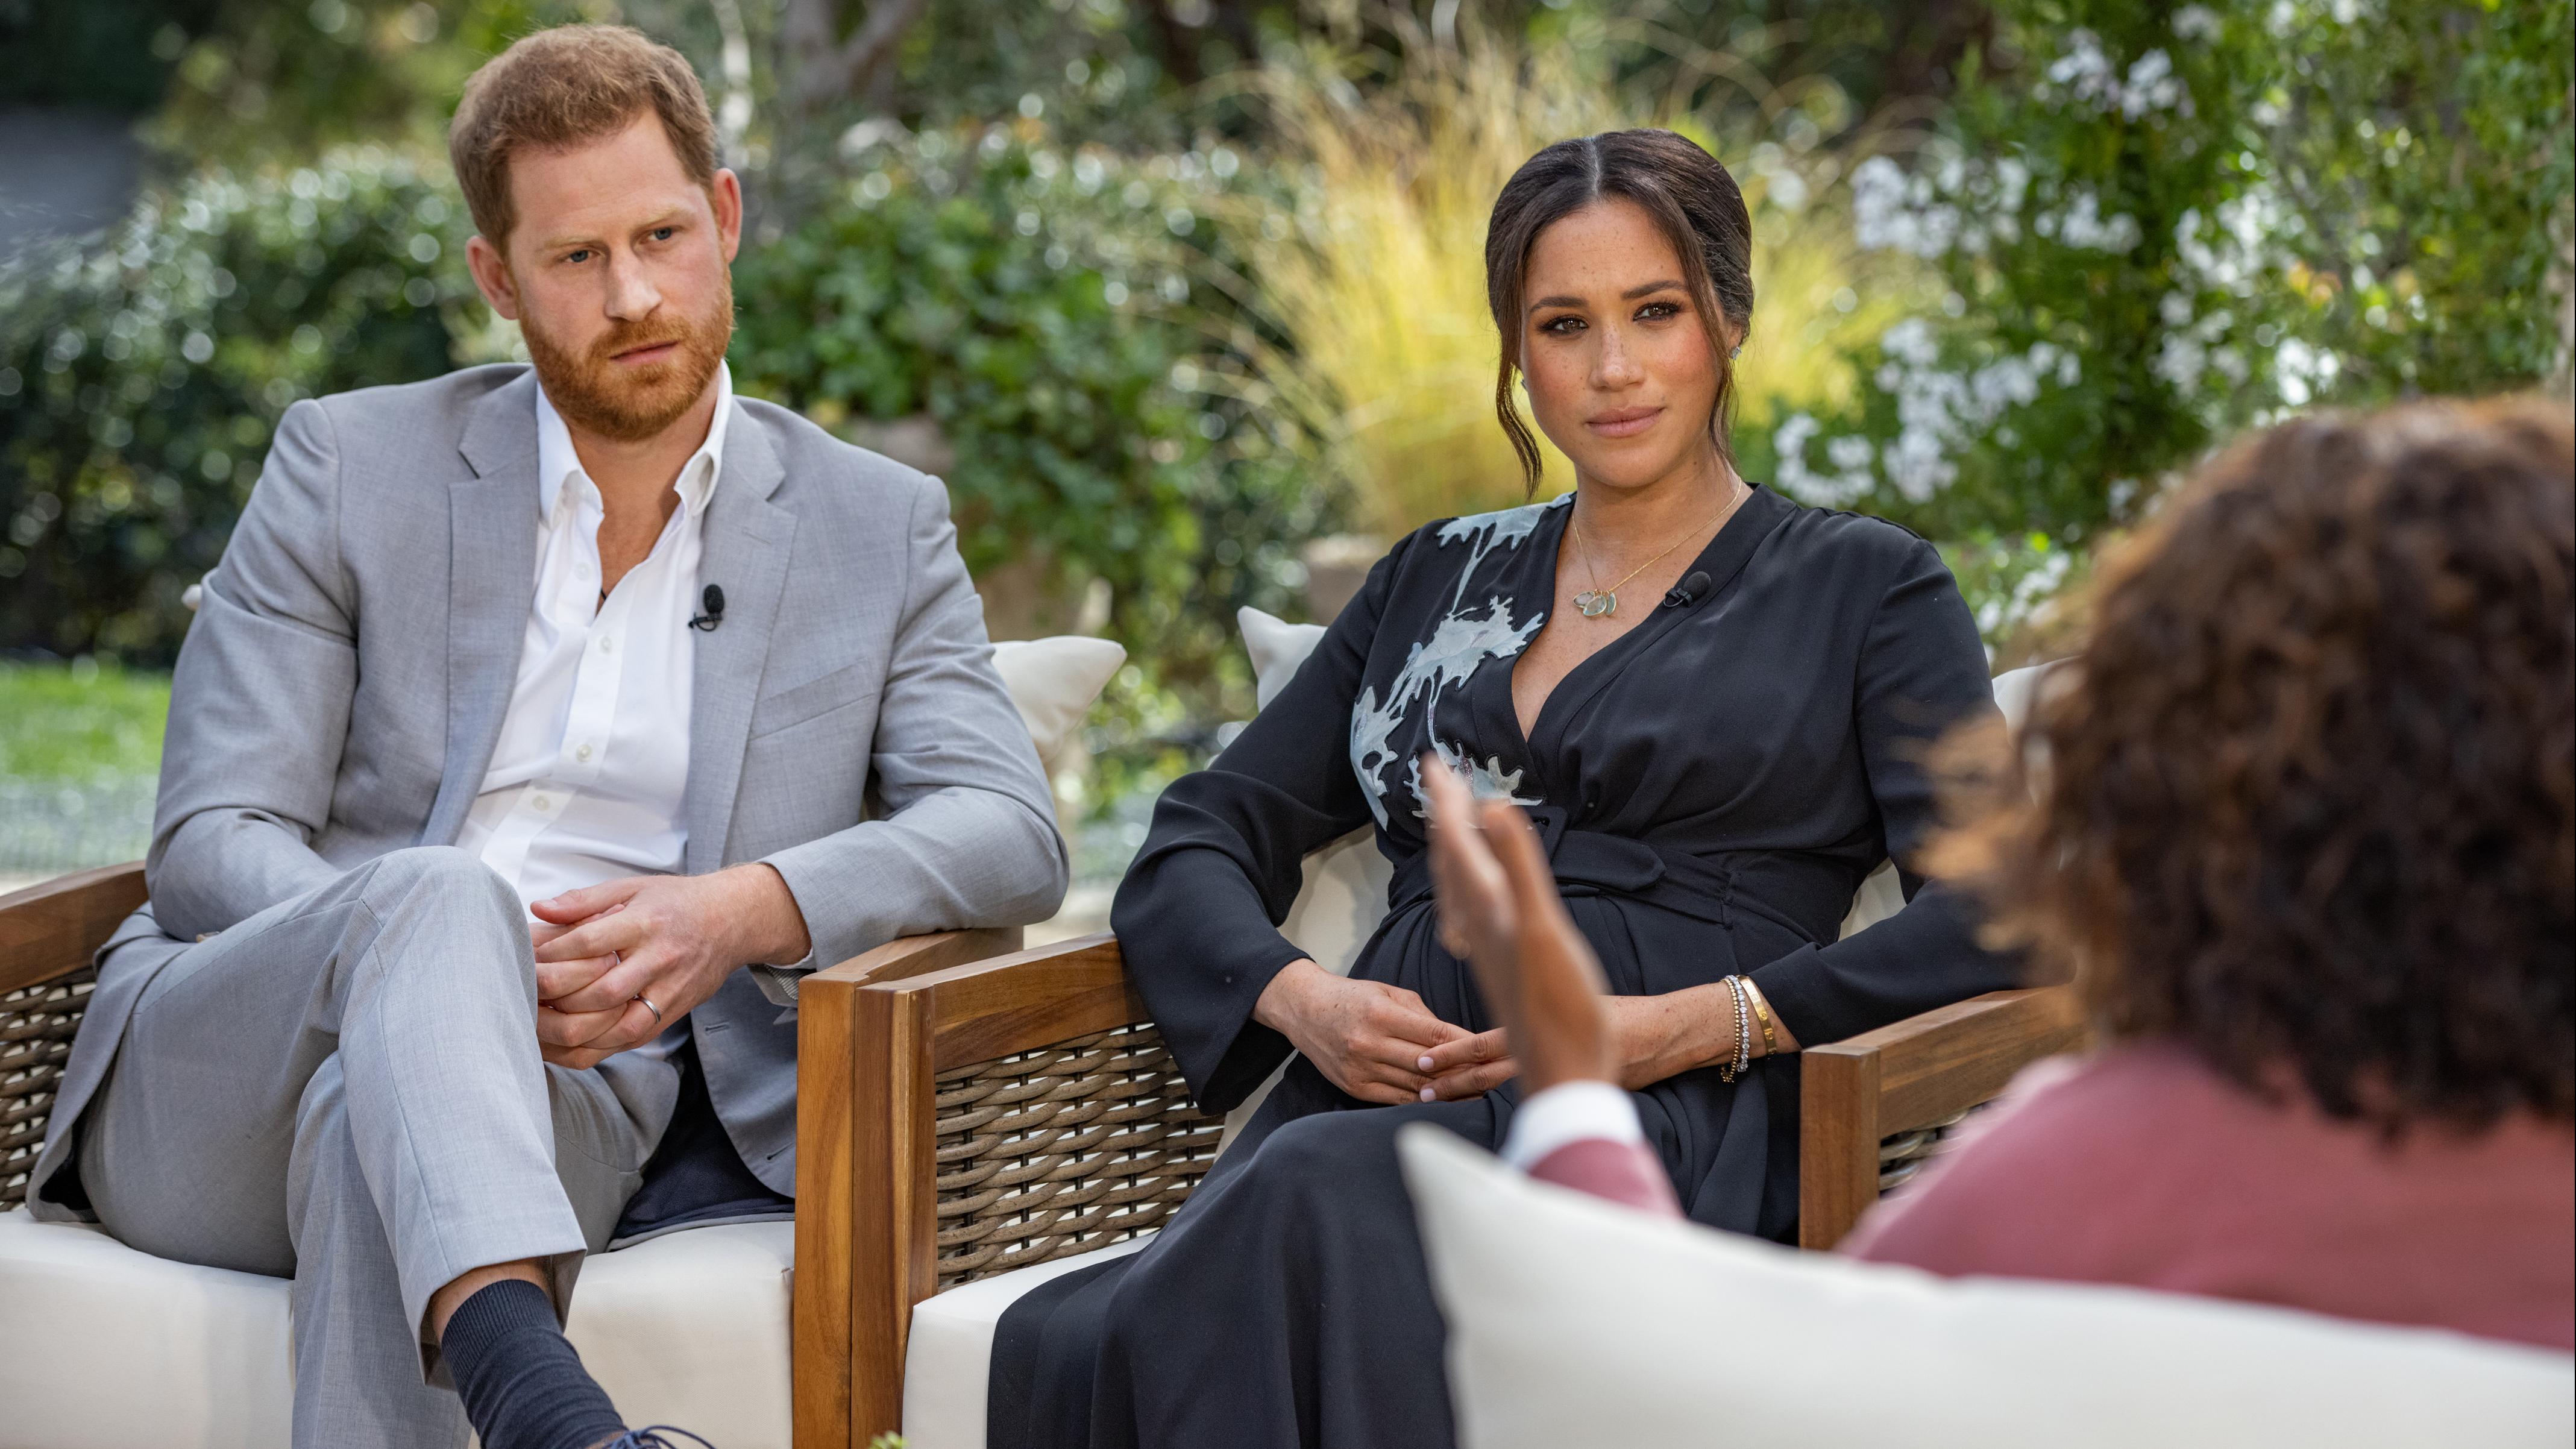 Prinz Harry von Großbritannien und seiner Ehefrau Herzogin Meghan beim TV-Interview mit US-Moderatorin Oprah Winfrey